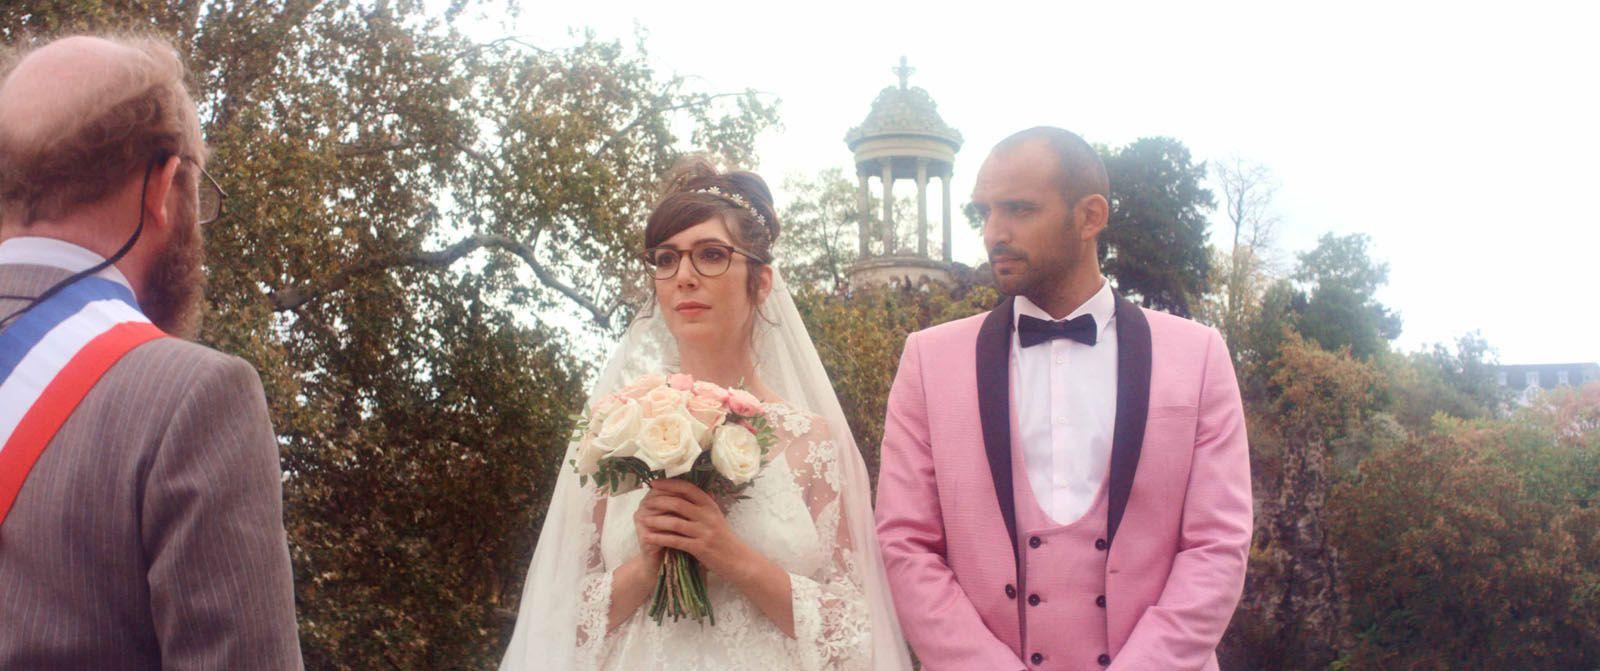 Éléonore (BANDE-ANNONCE) avec Nora Hamzawi, Julia Faure, Dominique Reymond - Le 23 septembre 2020 au cinéma